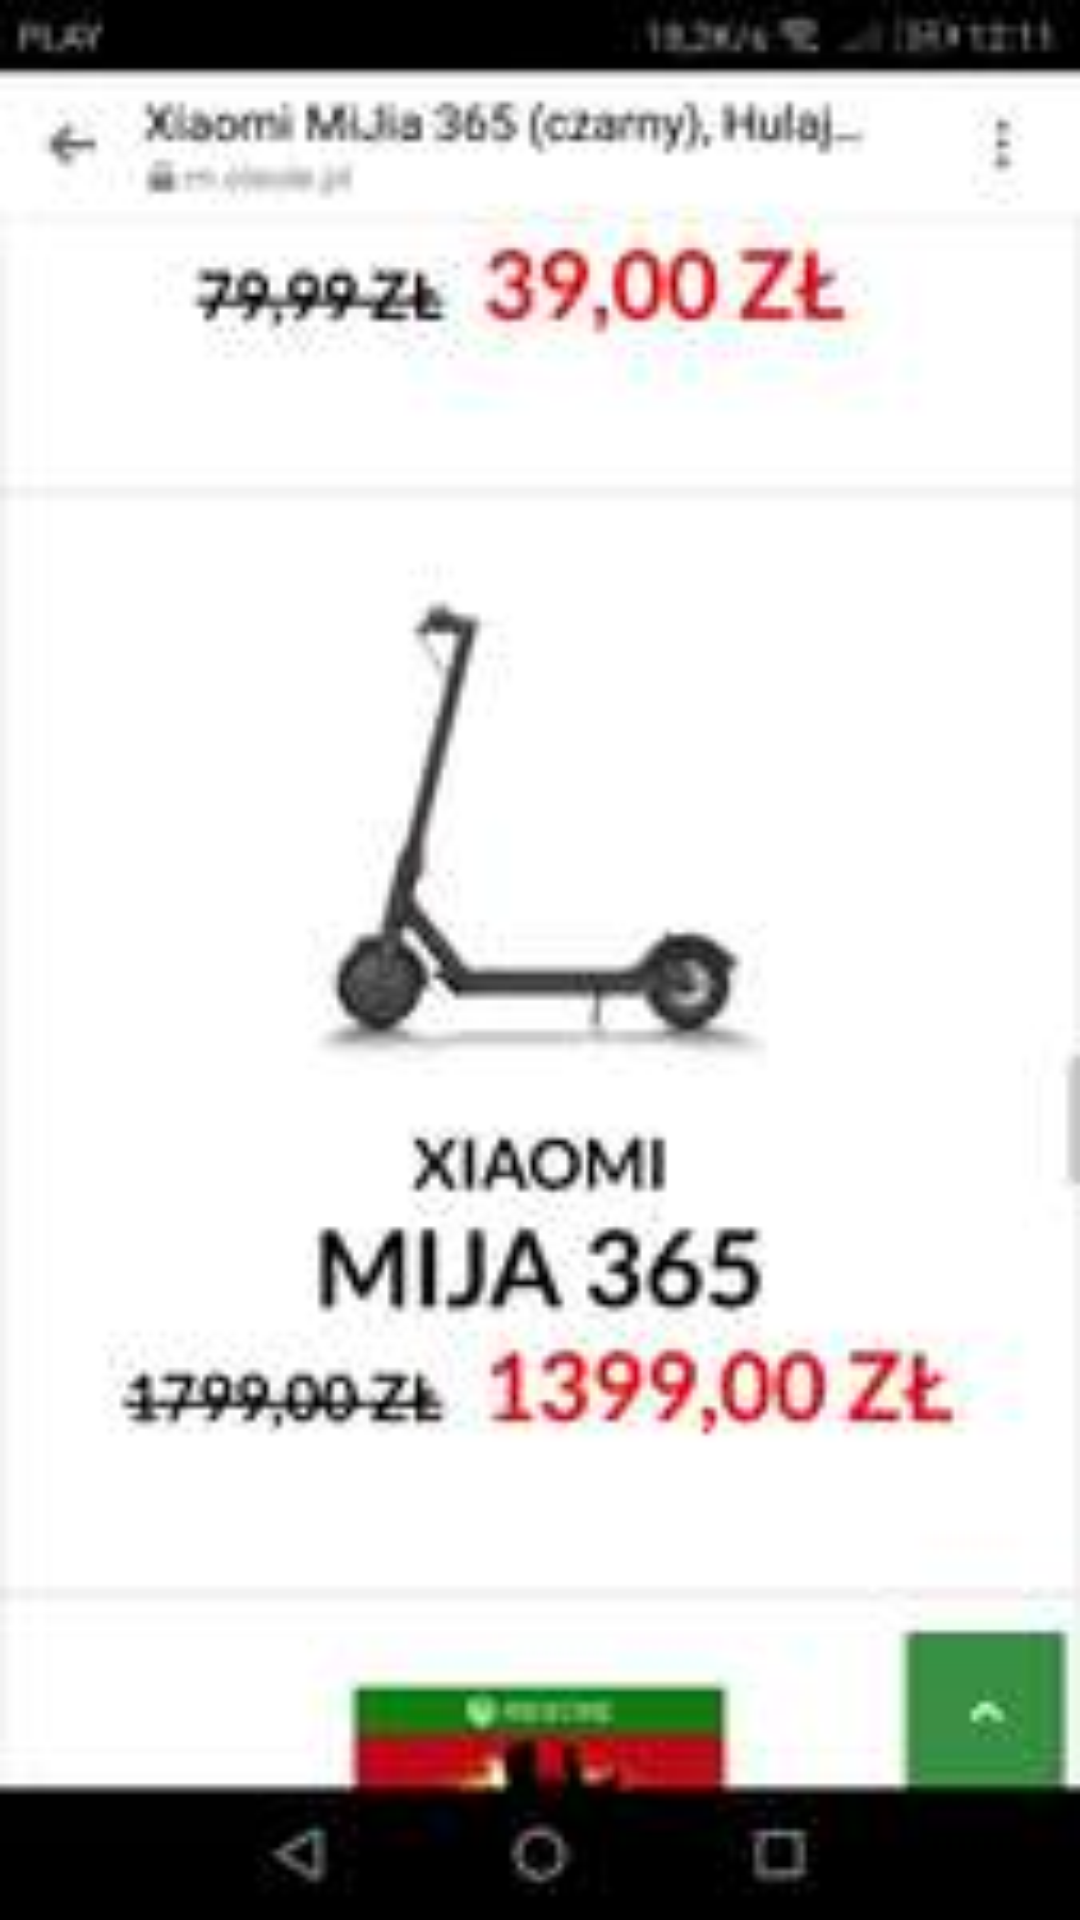 Długo wyczekiwana Xiaomi MiJia 365